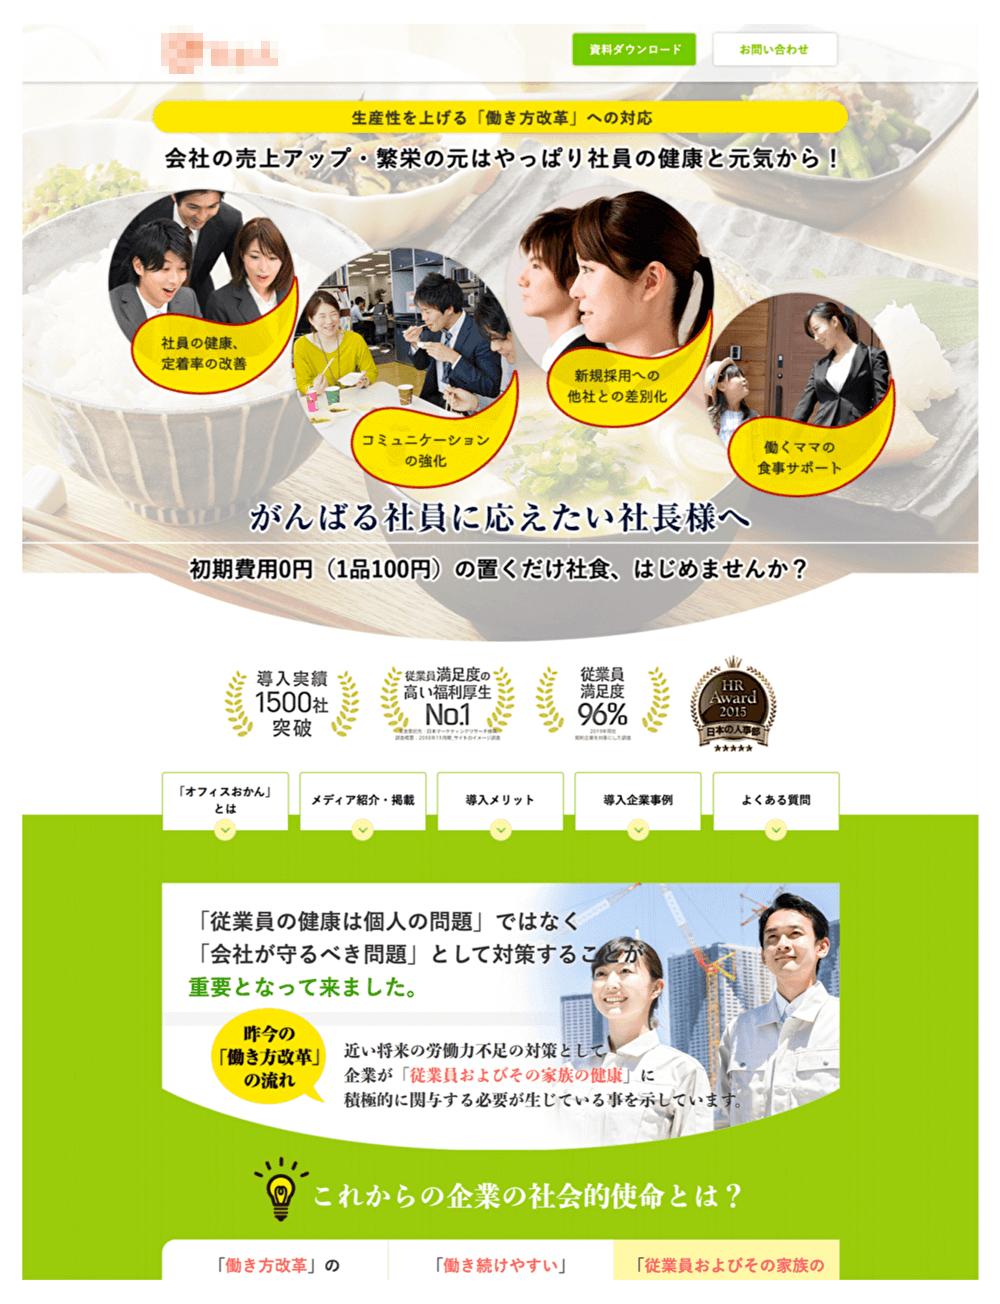 経営者向け問合せ獲得LP【福利厚生】